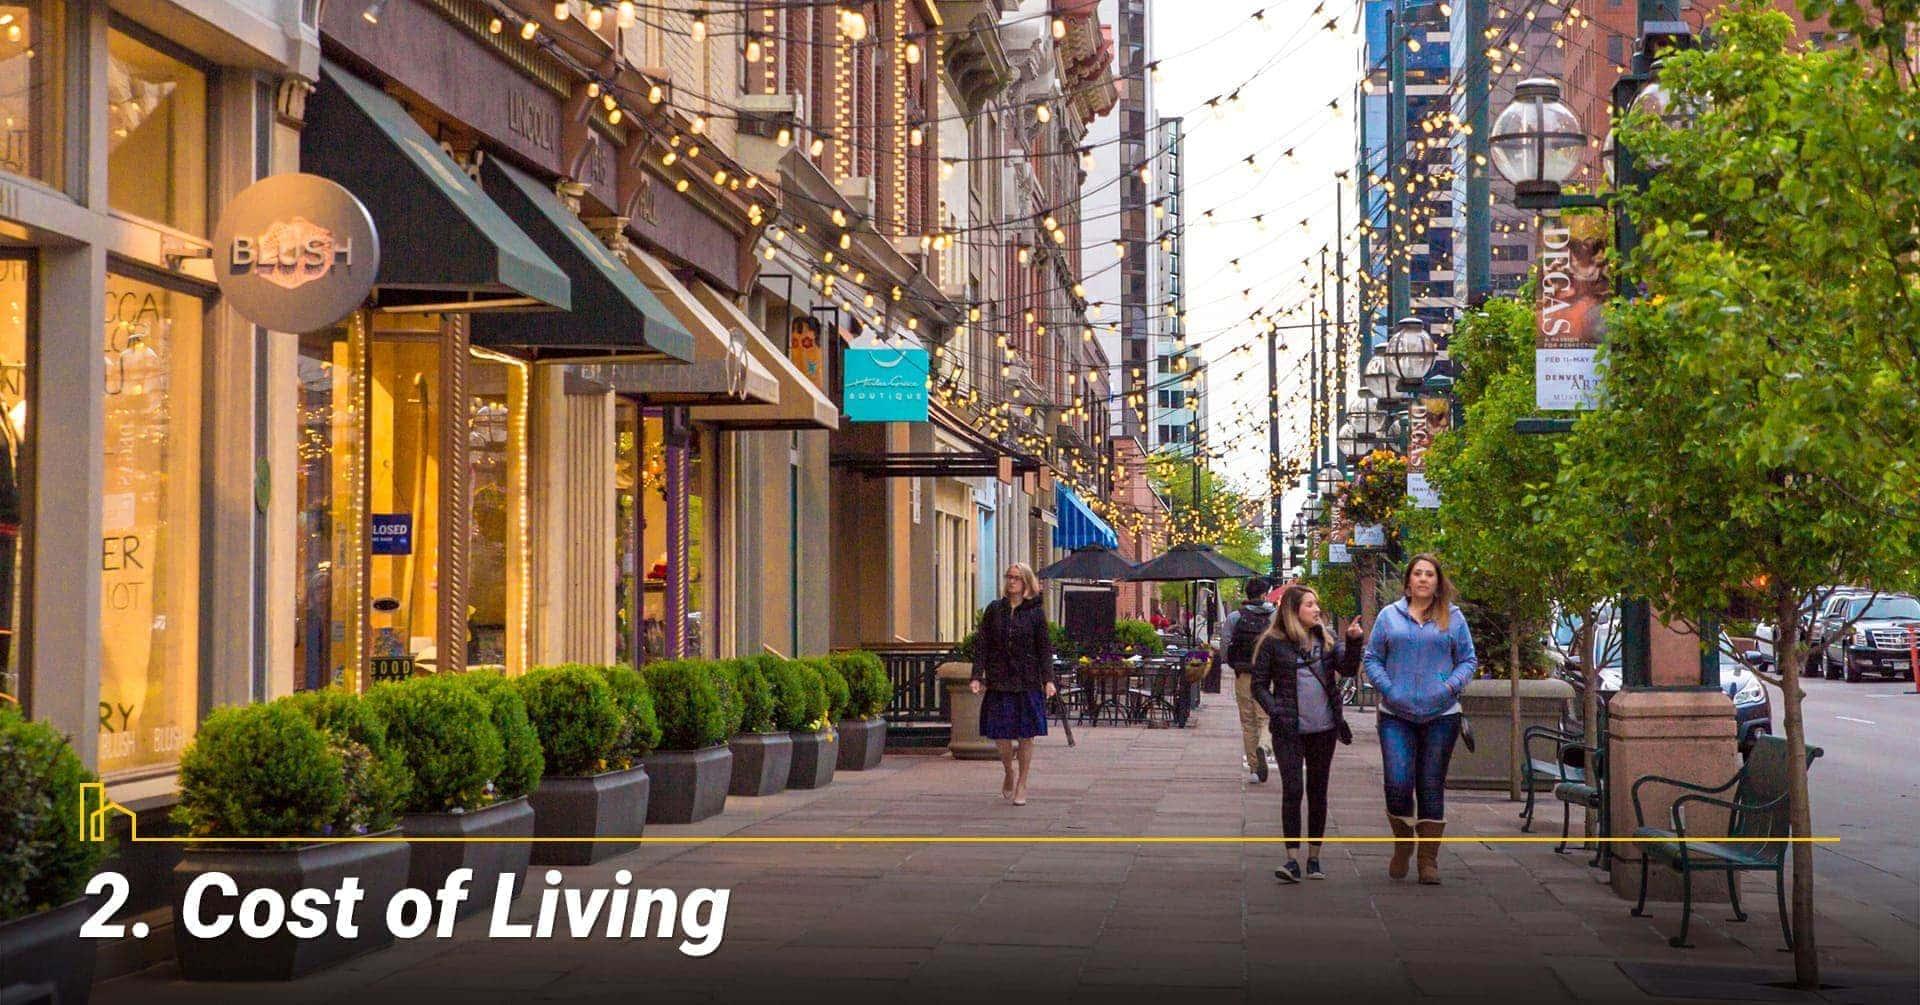 Cost of Living in Denver, Colorado